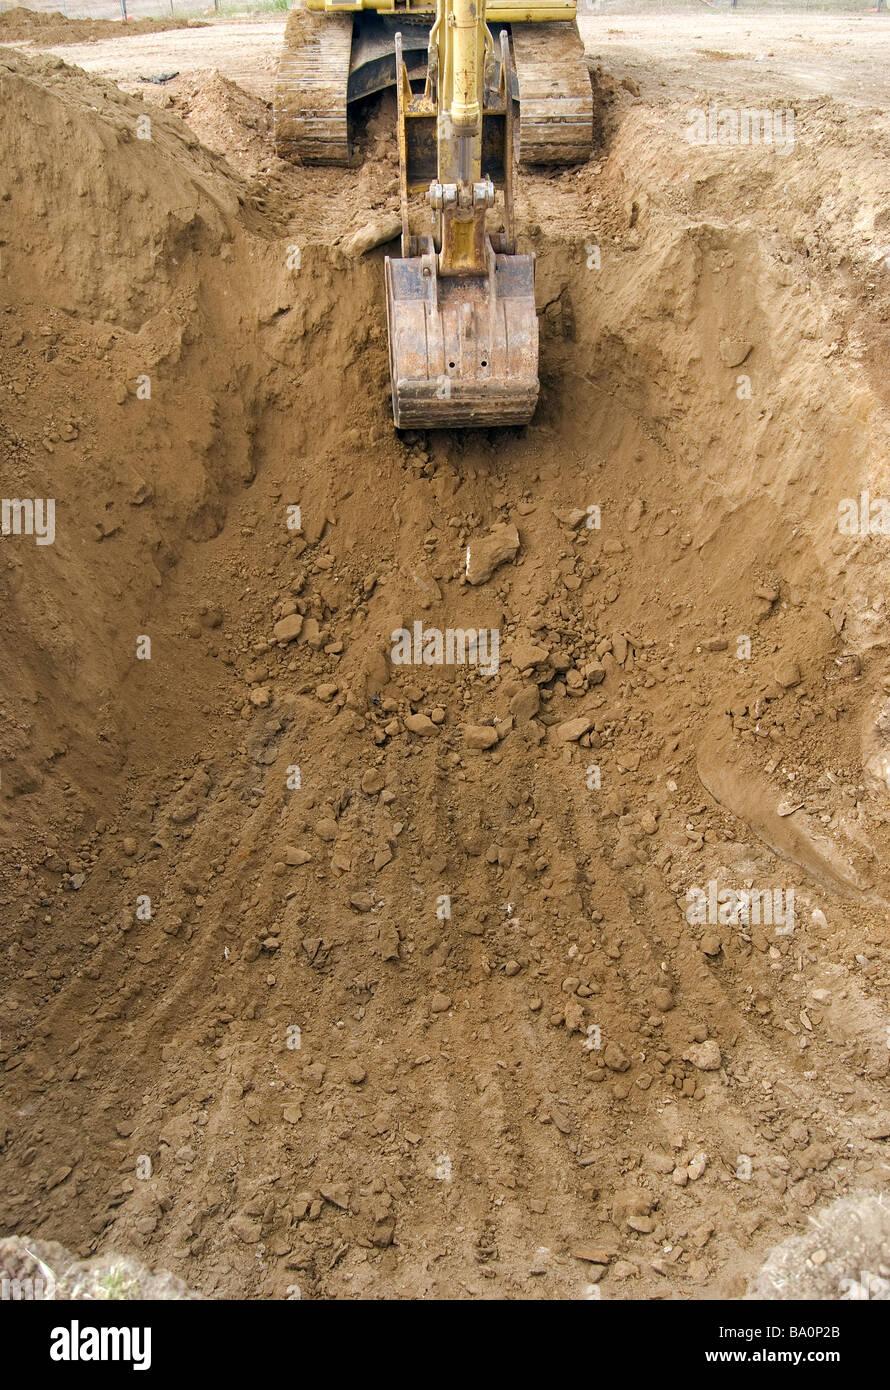 Schiene montiert Bagger entfernen Stein und Erde aus Ausgrabungen im ...